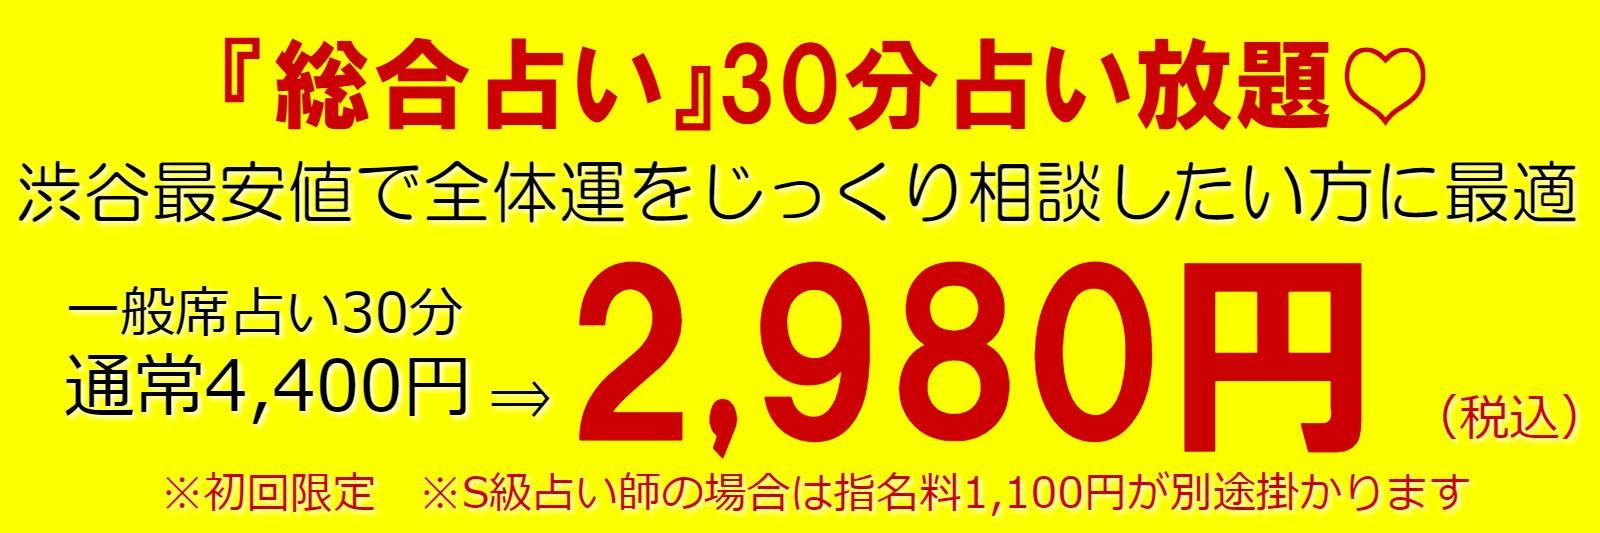 東京渋谷占いなら【総合占い30分2,980円】が人気の『婚活もできる占い館BCAFE(ビーカフェ)渋谷店がオススメ!渋谷最安値で全体運(恋愛・結婚・仕事・金運等)が全てご相談が可能です。